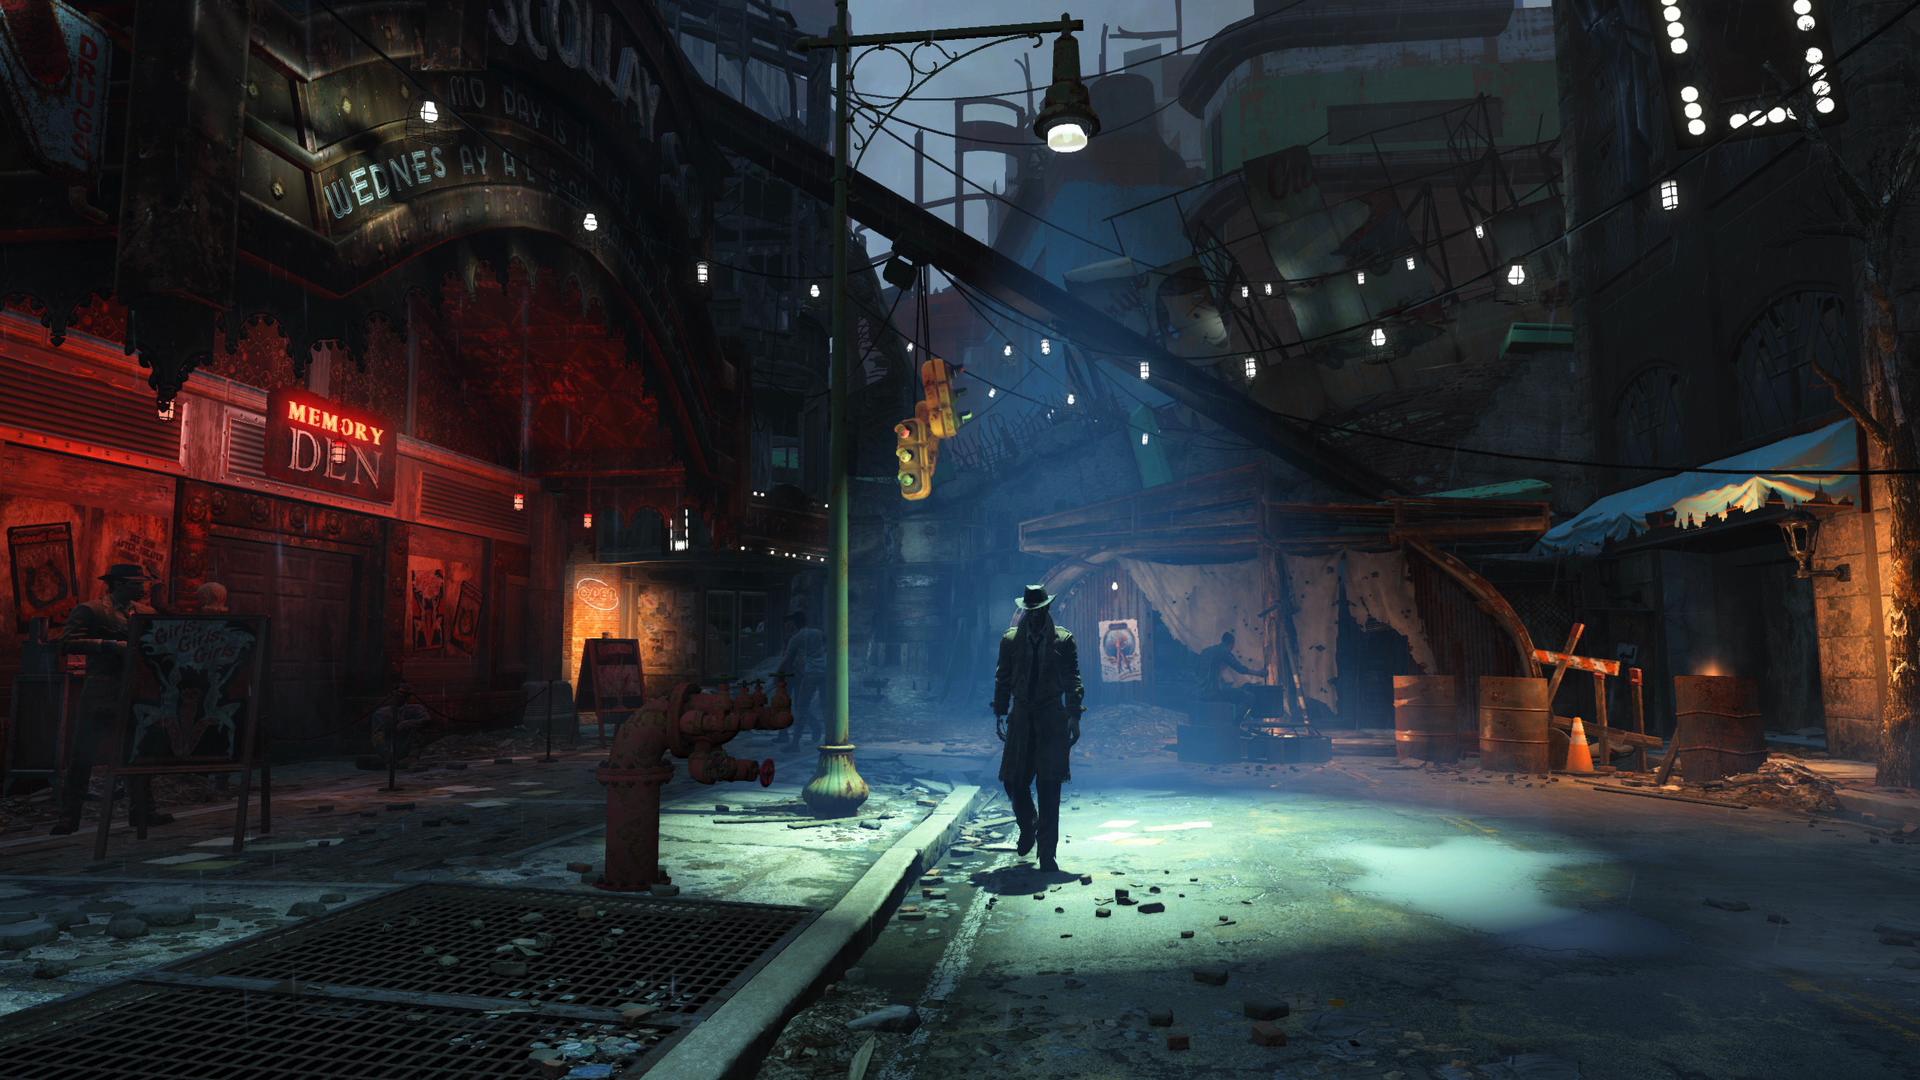 E3: Czekałem na to latami. Mody do Fallout 4 zacierają kolejną granicę między konsolami i PC [konkurs]